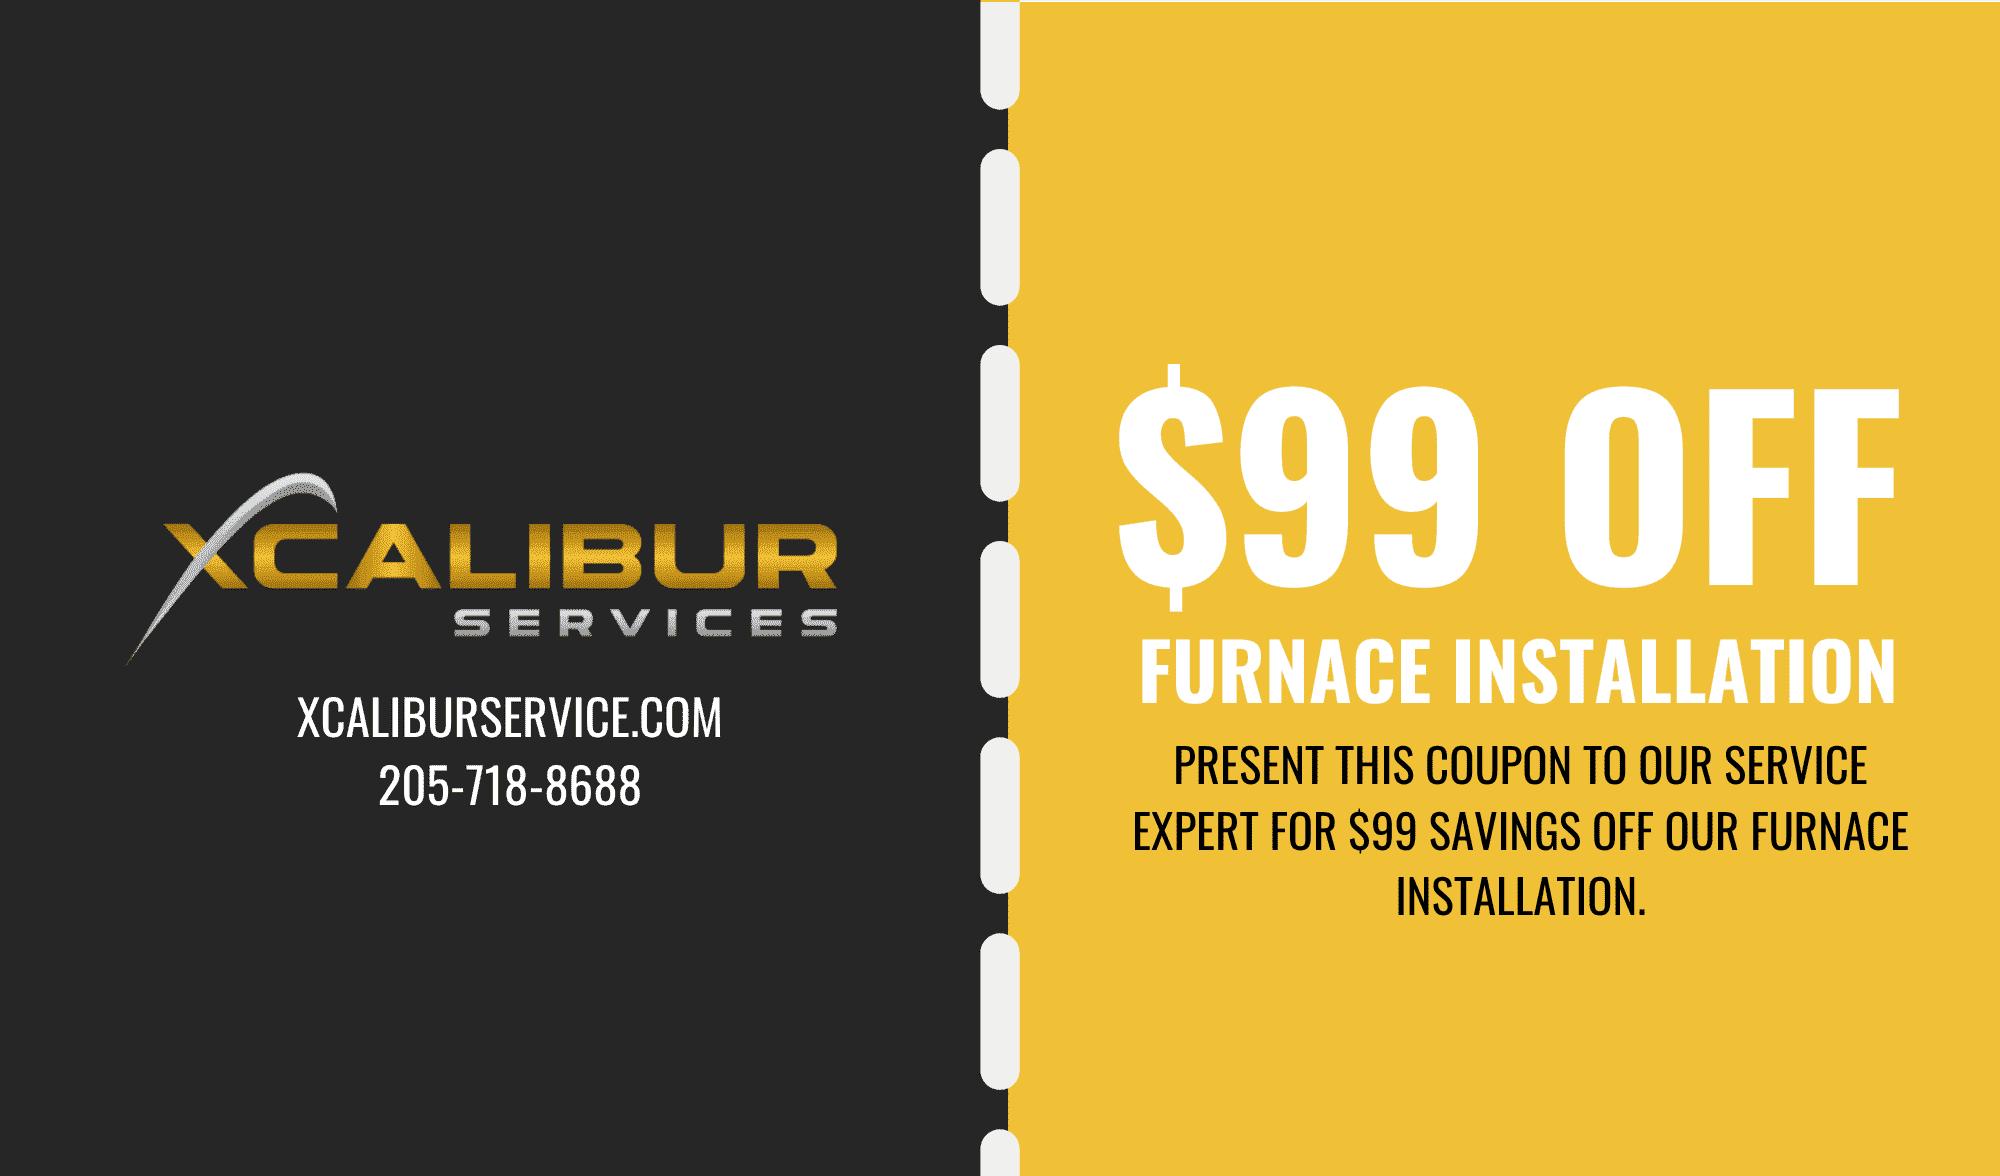 xcalibur_coupon5